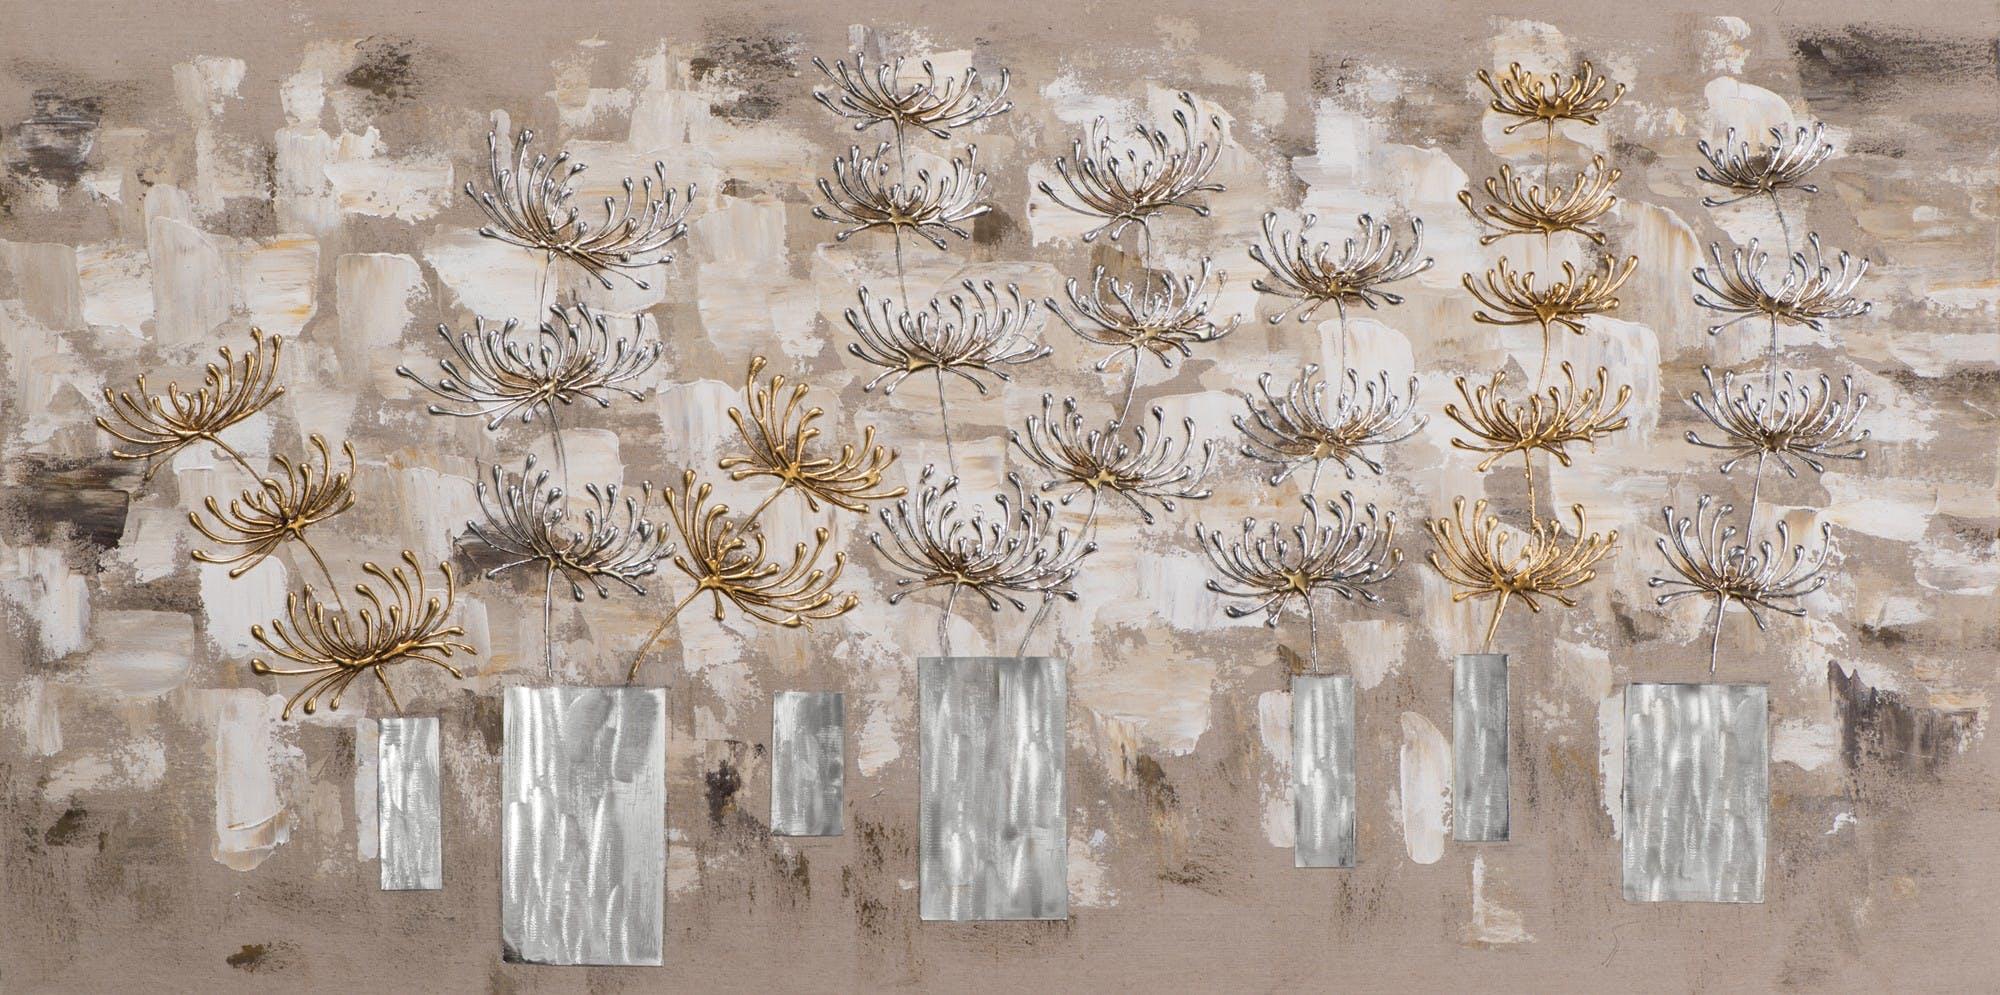 Tableau Fleurs abstrait 70x140 peint sur toile fibre naturelle et ajout d'éléments métal en relief. Peinture acrylique